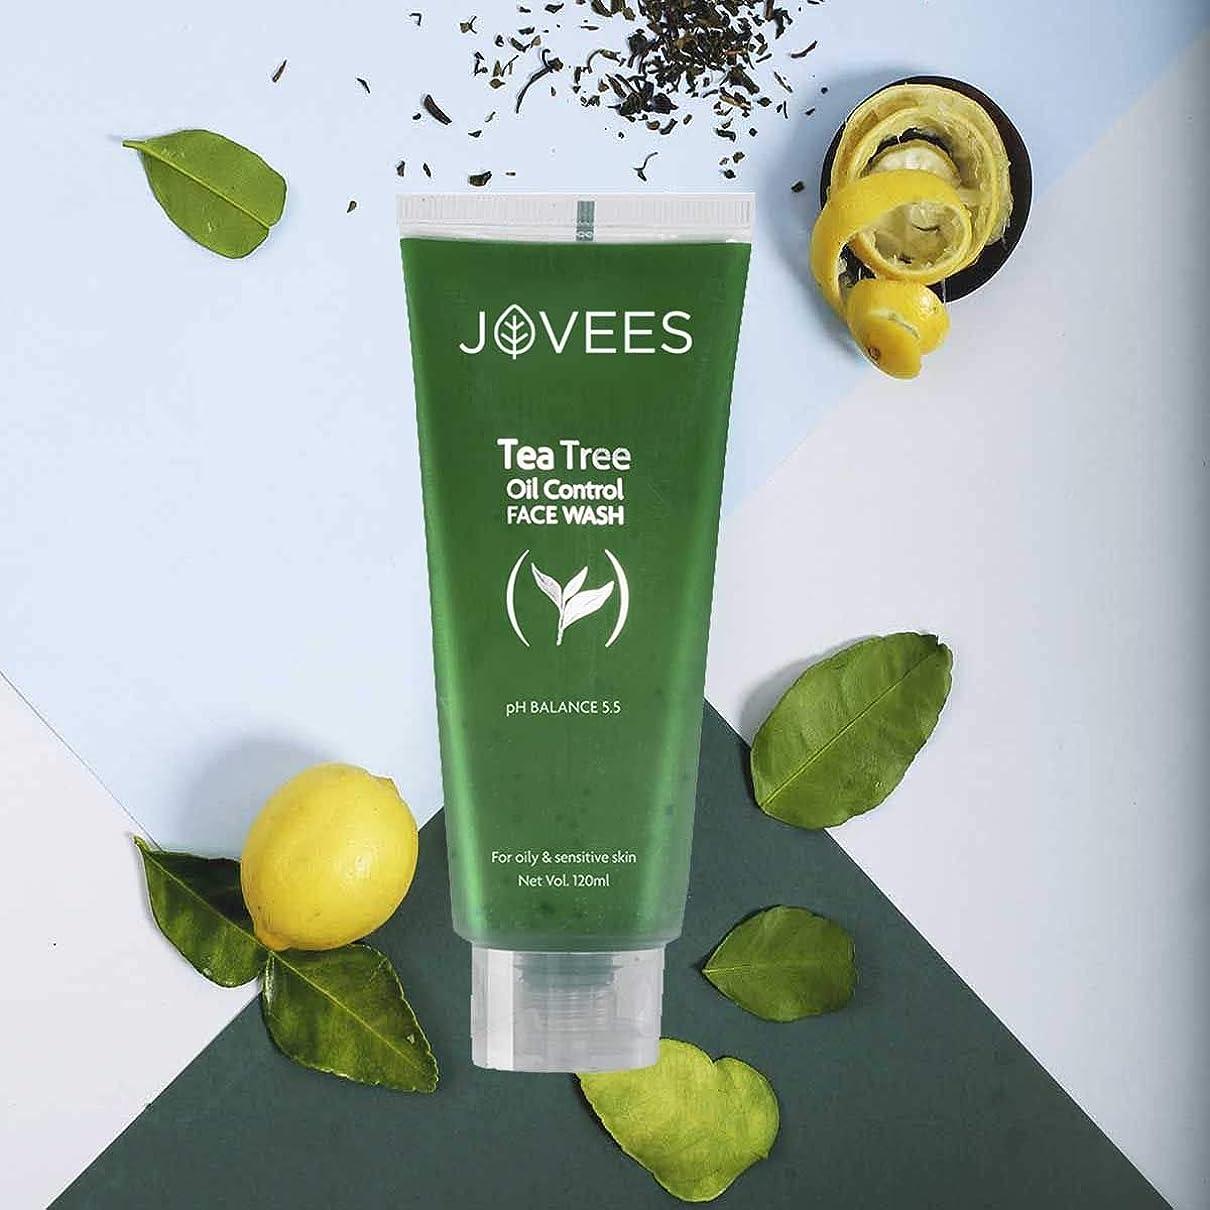 運動するデコレーション惨めなJovees Tea Tree Oil Control Face Wash 120ml Best for oily & sensitive skin control acne ティーツリーオイルコントロールフェイスウォッシュ油性&敏感肌用にきびに最適